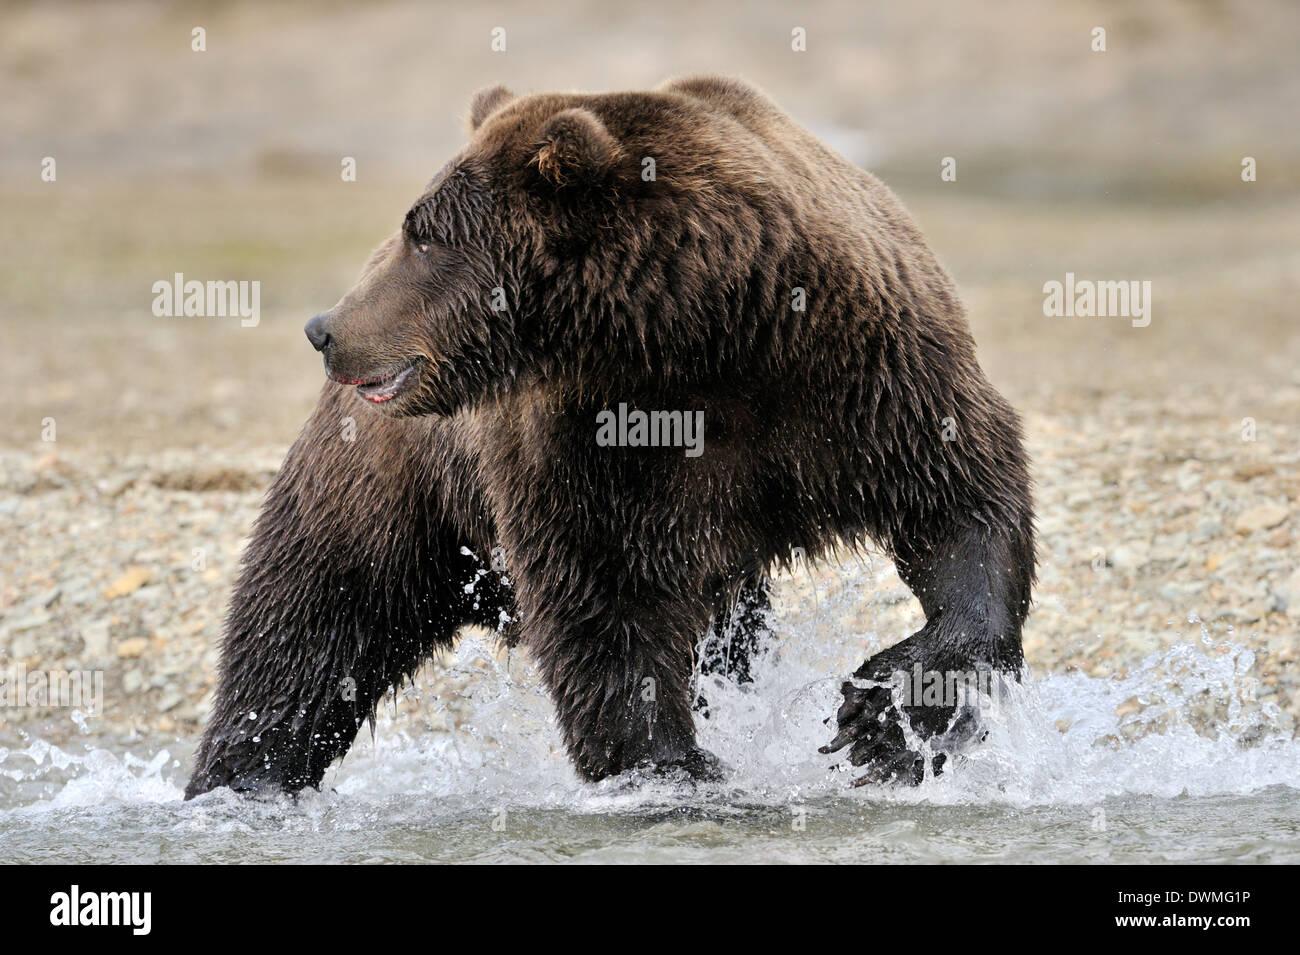 Grizzly bear (Ursus arctos horribilis) fishing in water, Katmai national park, Alaska, USA. Stock Photo